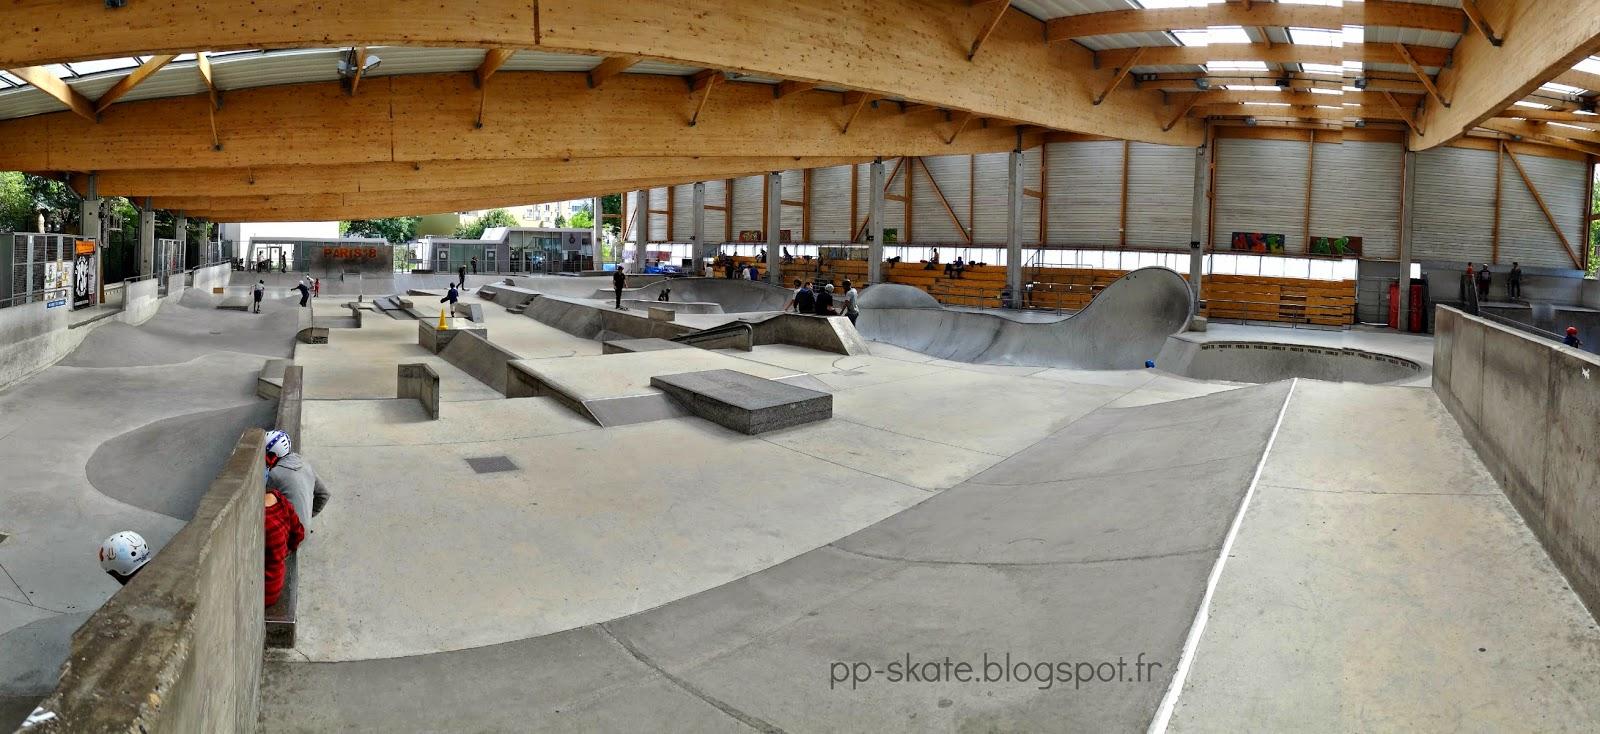 Skatepark Espace glisse paris